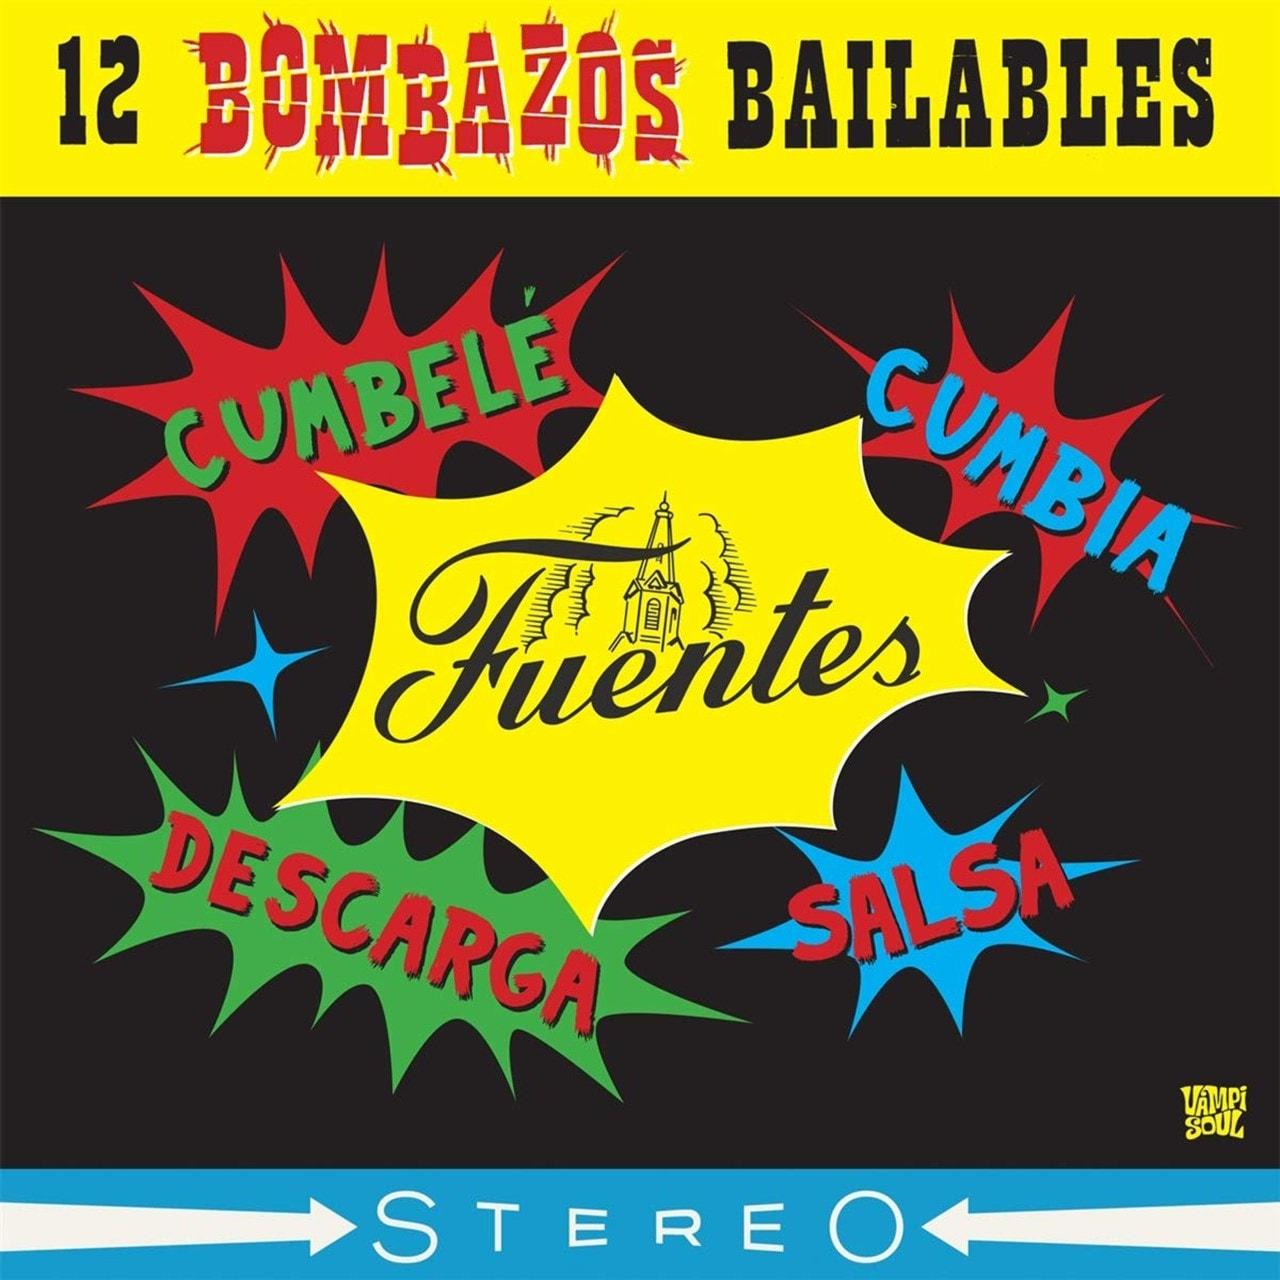 12 Bombazos Bailables - 1